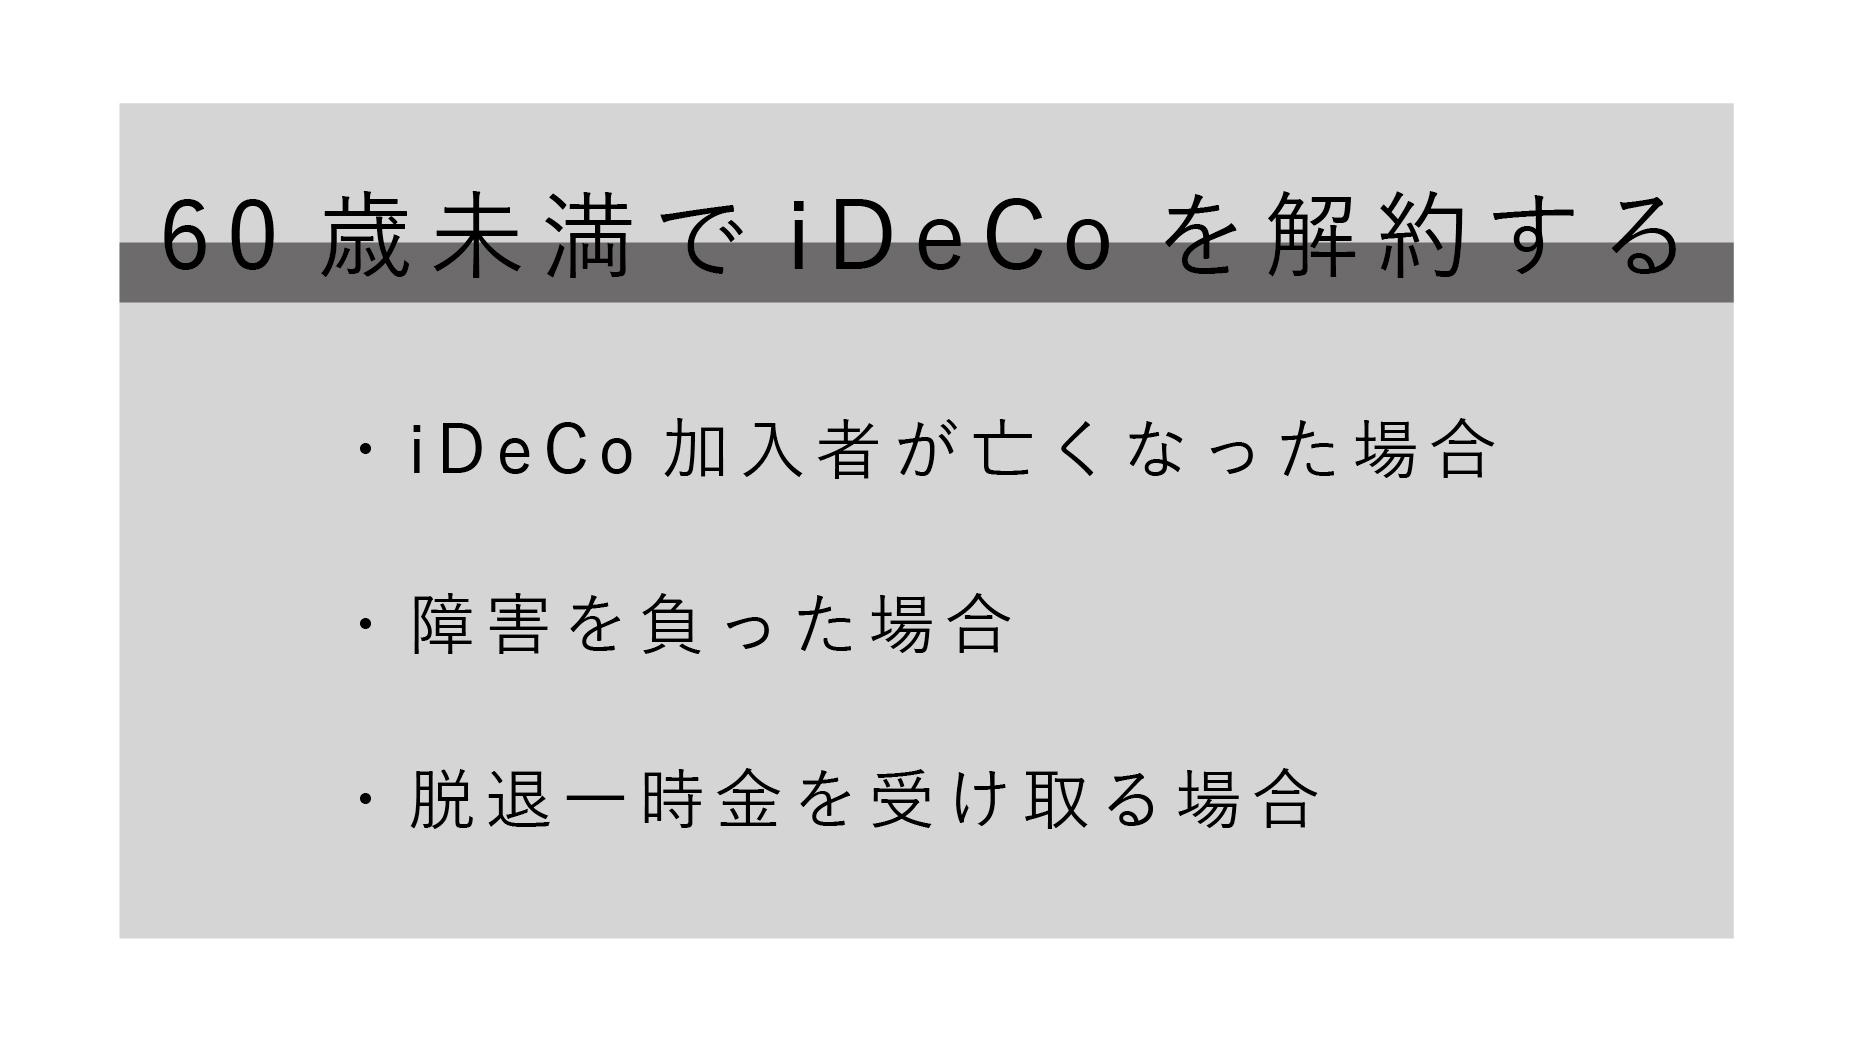 iDeCo解約できる3パターン